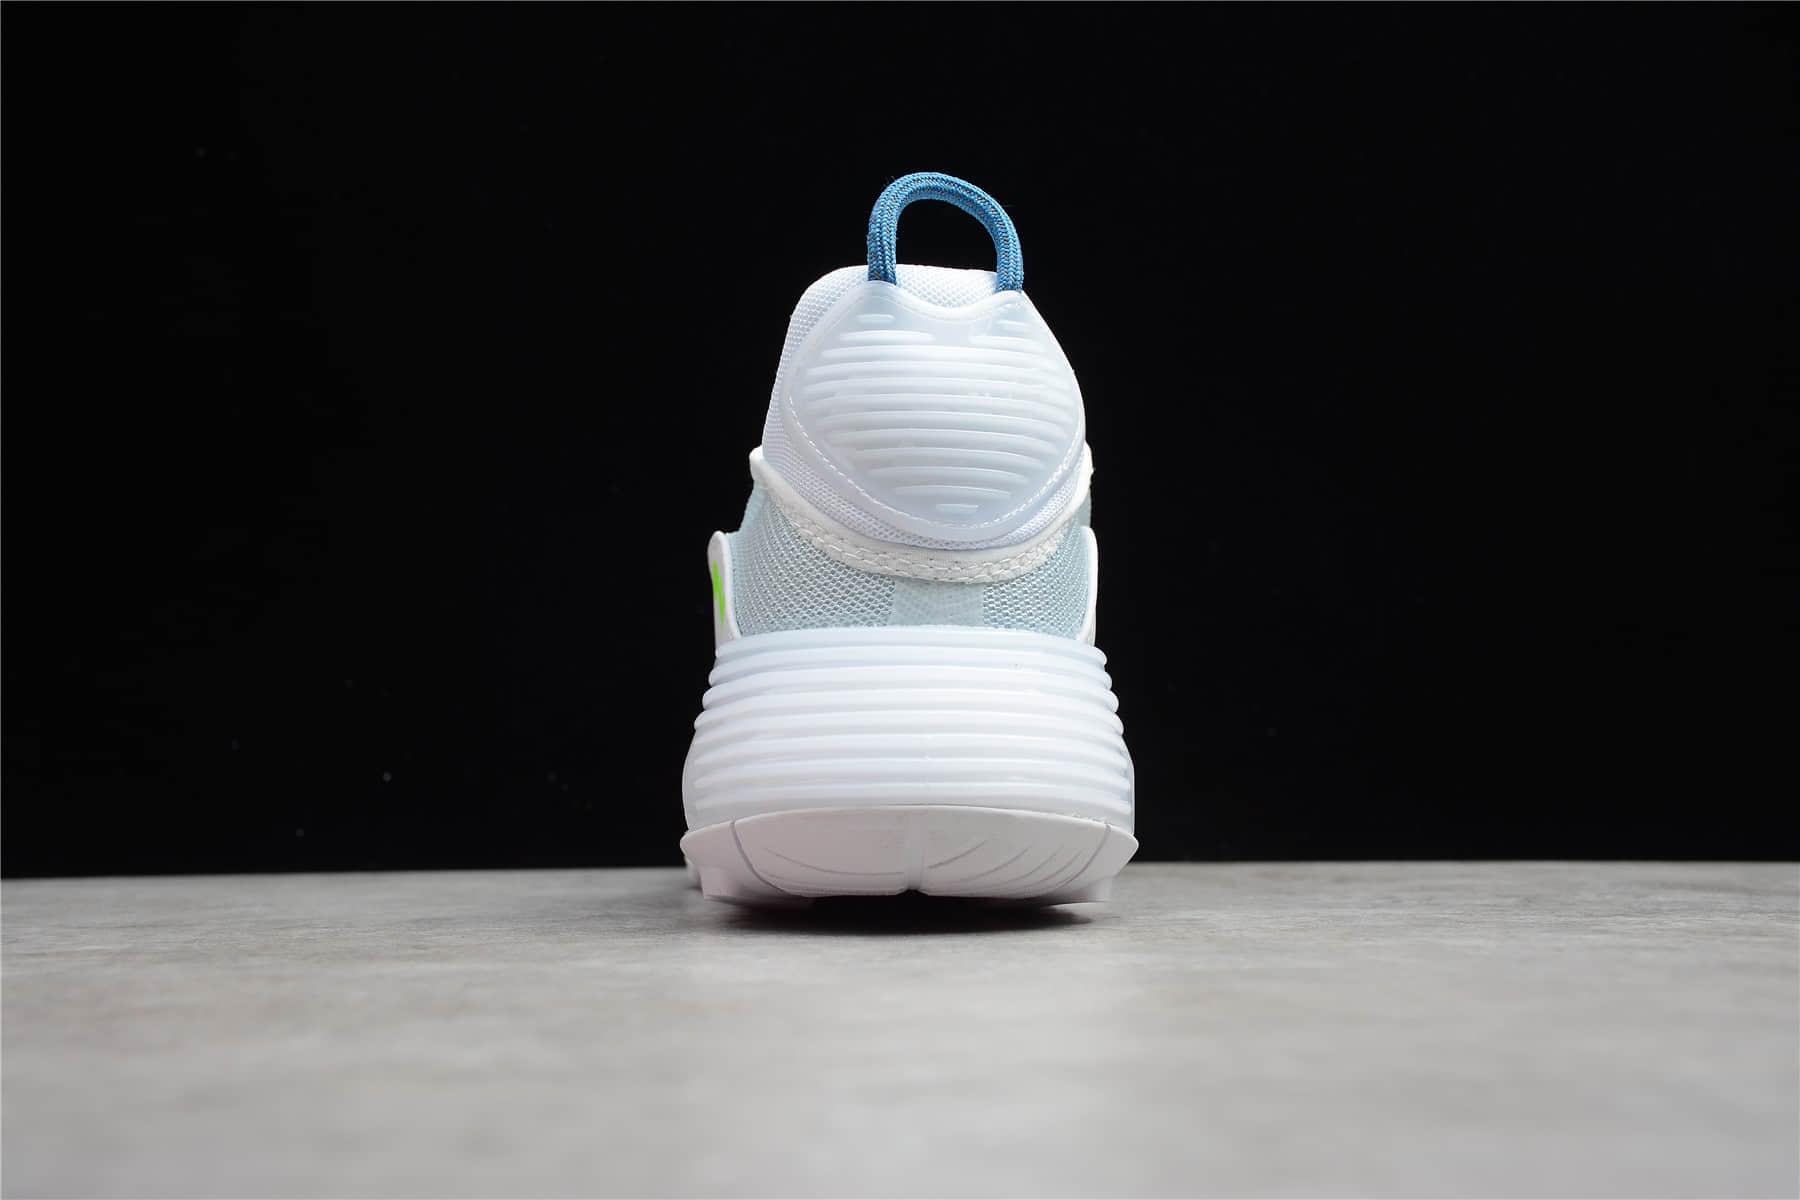 耐克MAX2090薄荷绿轻跑鞋 Nike Air Max 2090 蝉翼网面气垫运动跑鞋白蓝绿 货号:CZ1708-002-潮流者之家